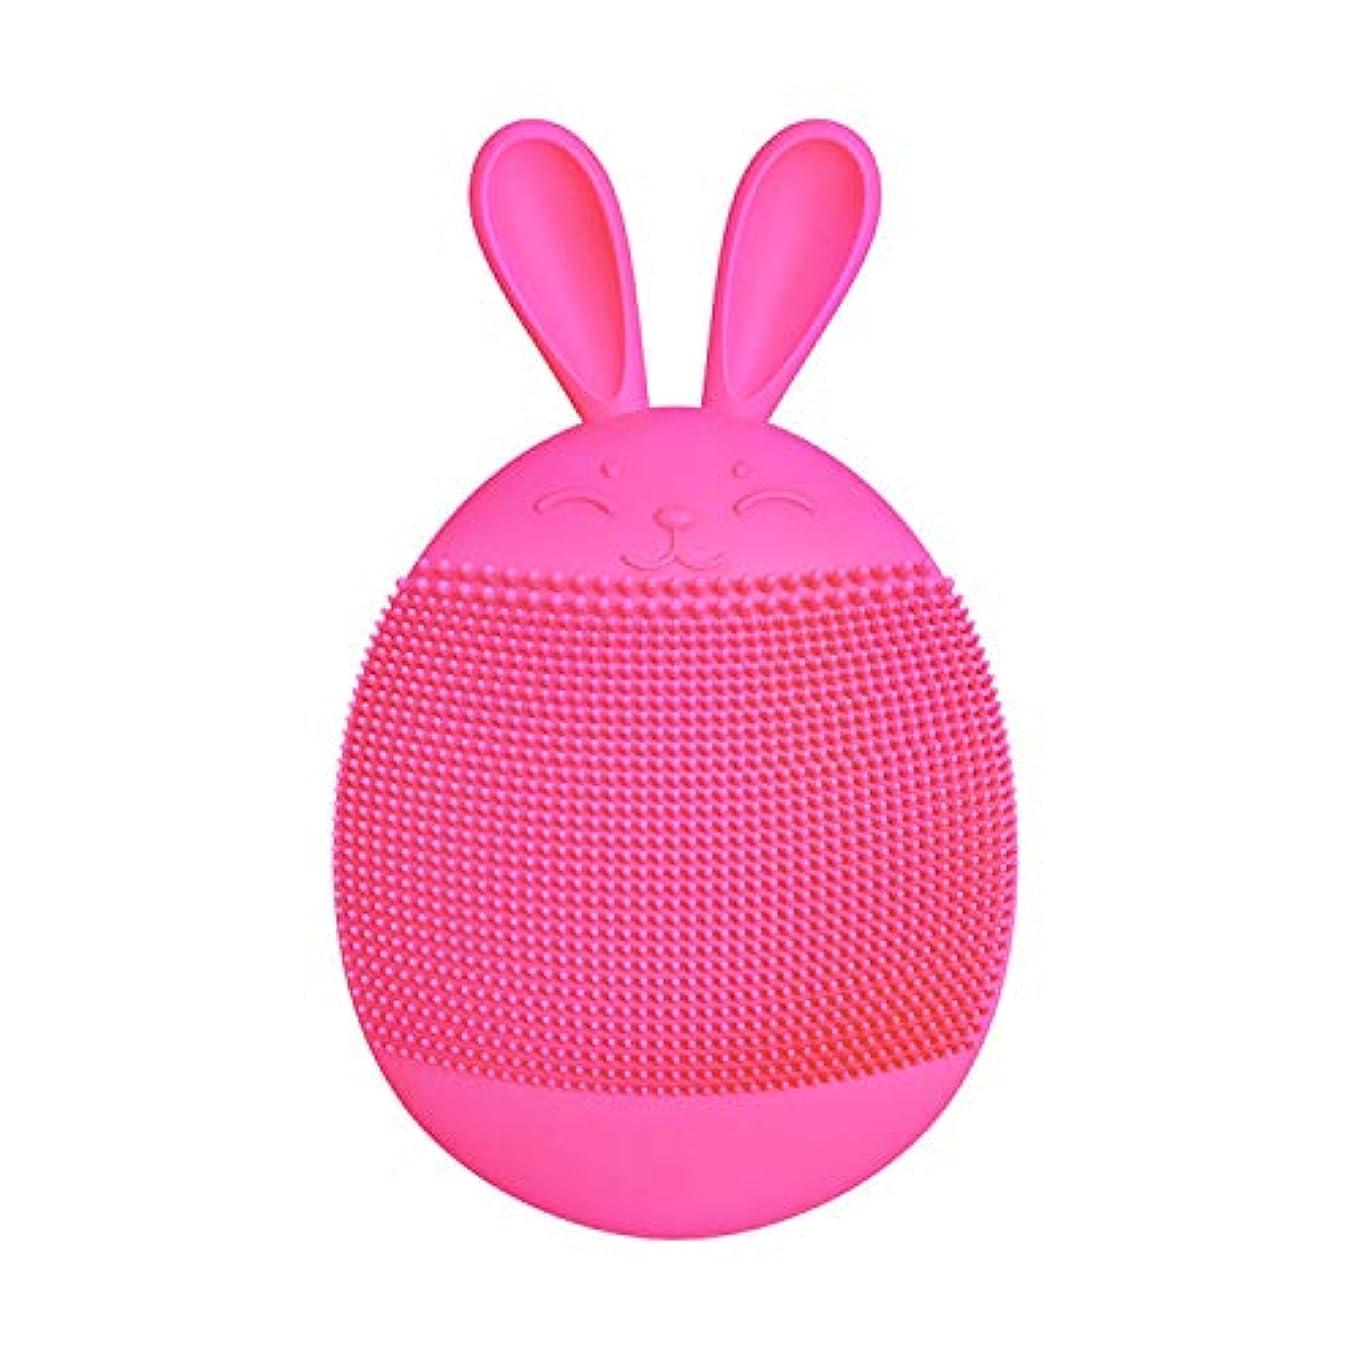 あいまいさにもかかわらず倫理的クレンジングブラシ、シリコンハンドヘルド電動クレンジング楽器多機能ポータブル洗顔美容器具(ピンク),D